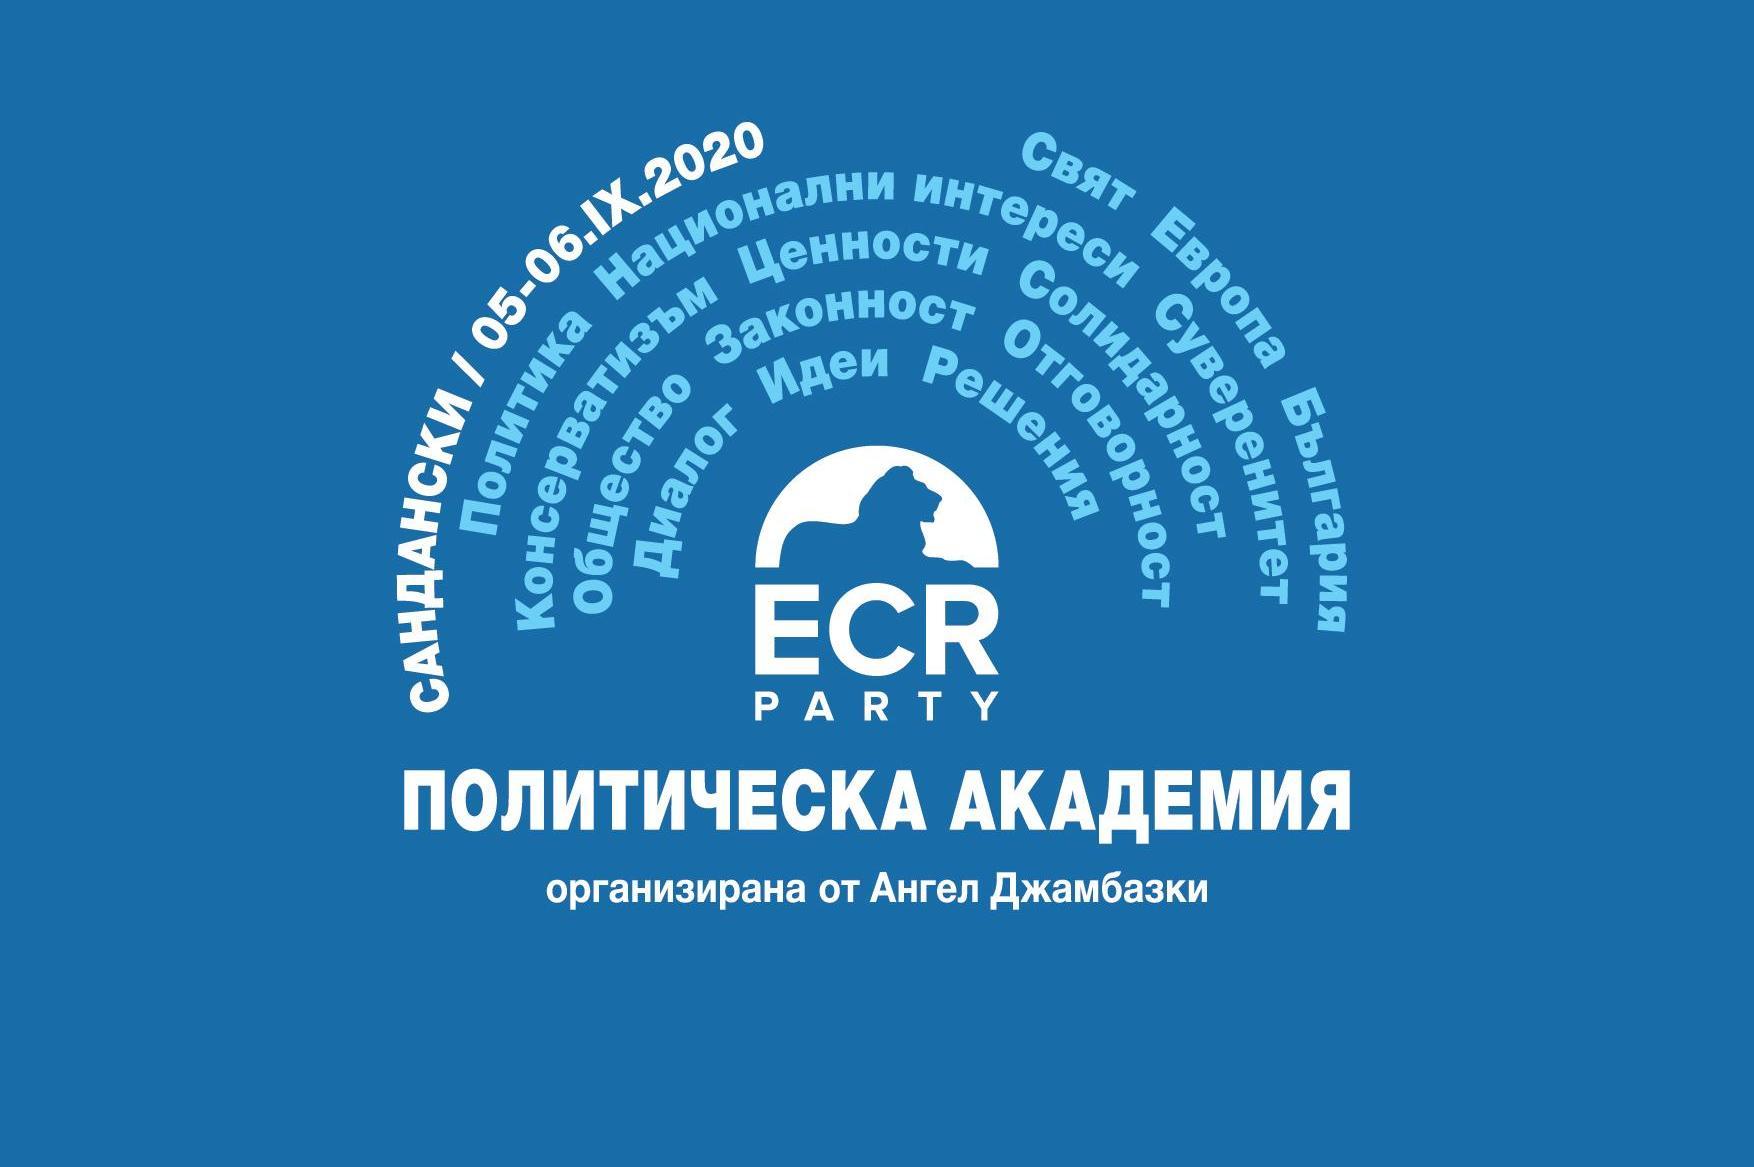 Евродепутати се включват в Политическа академия за млади лидери в България